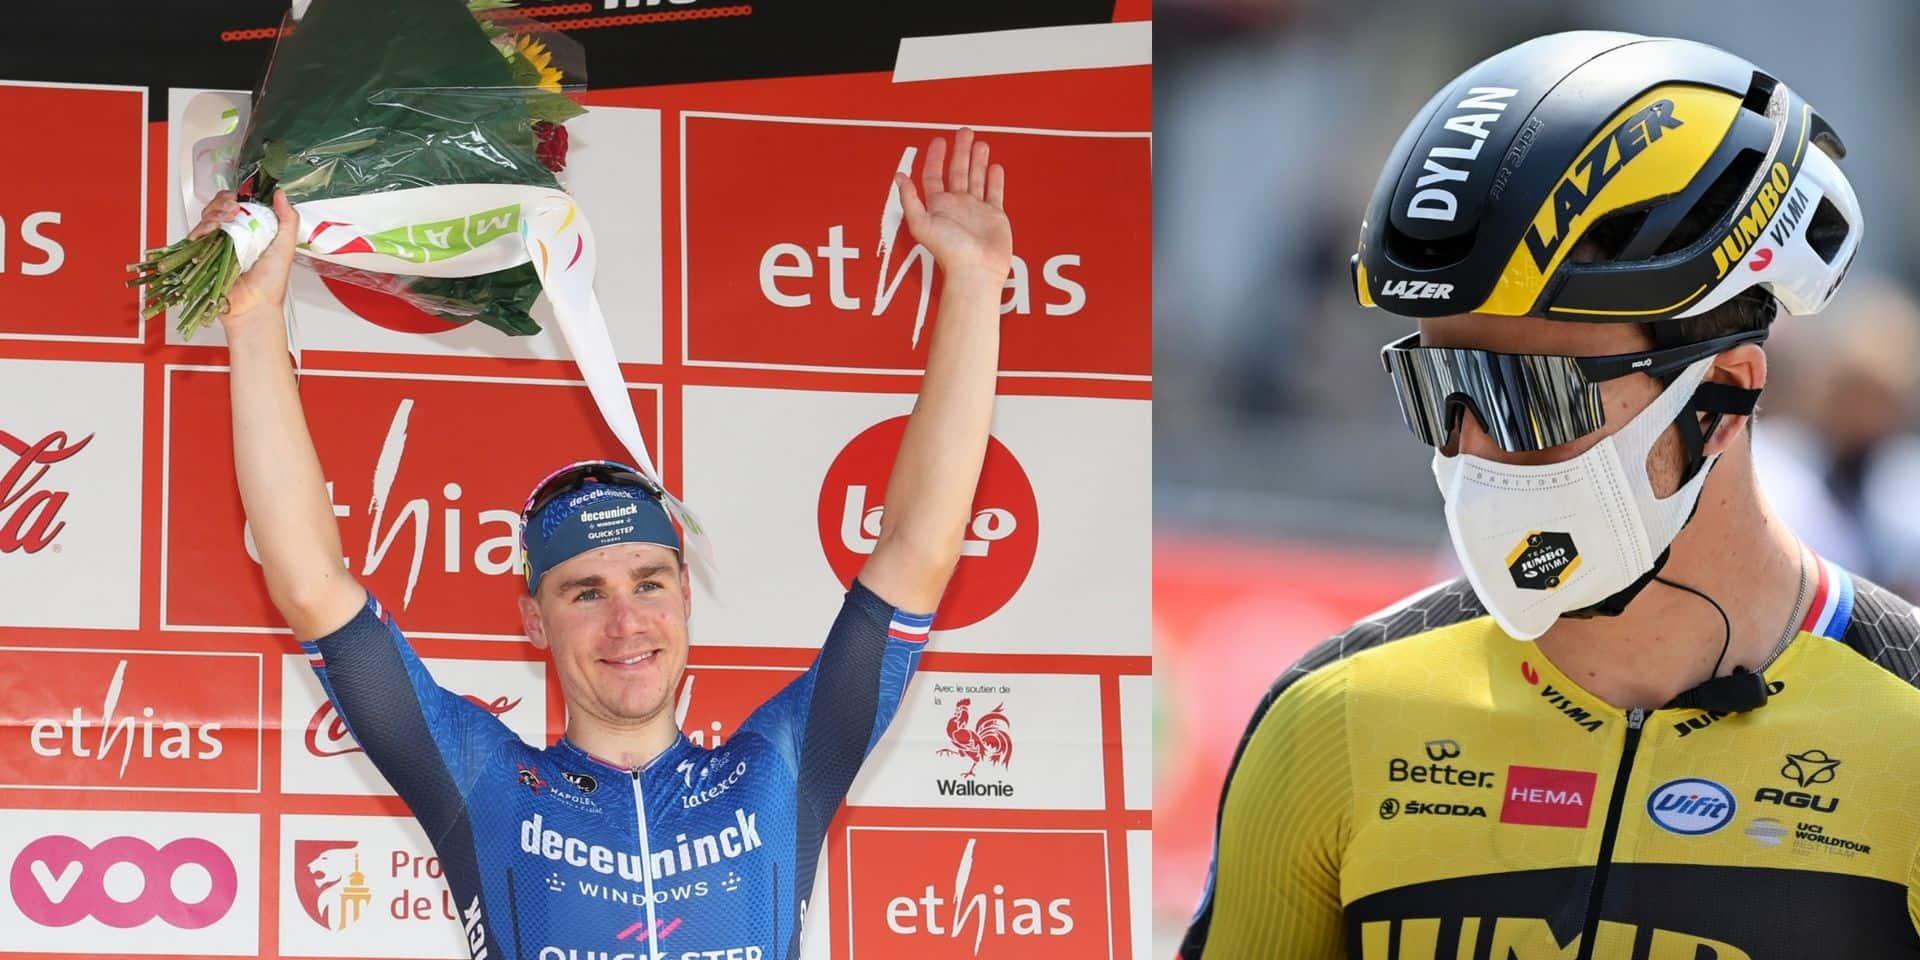 """Dylan Groenewegen a félicité Fabio Jakobsen pour sa victoire au Tour de Wallonie: """"Je suis très content de le voir s'imposer à nouveau"""""""